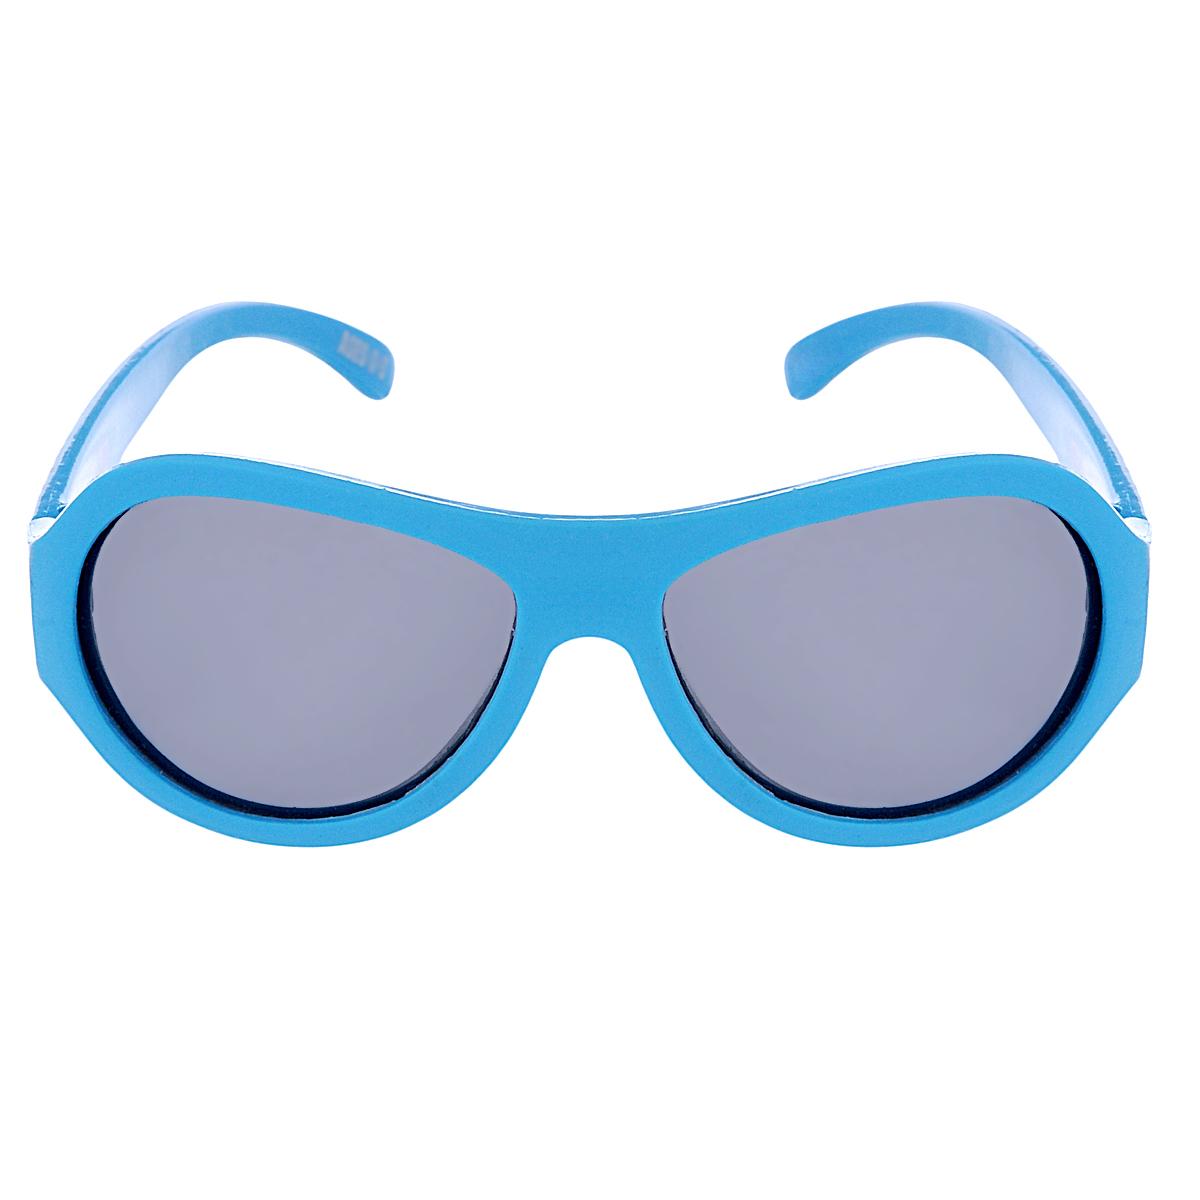 Детские солнцезащитные очки Babiators Сверхзвуковые полоски (Supersonic Stripes), поляризационные, с футляром, цвет: голубой, 3-7 летBAB-062Защита глаз всегда в моде. Вы делаете все возможное, чтобы ваши дети были здоровы и в безопасности. Шлемы для езды на велосипеде, солнцезащитный крем для прогулок на солнце... Но как насчёт влияния солнца на глазах вашего ребёнка? Правда в том, что сетчатка глаза у детей развивается вместе с самим ребёнком. Это означает, что глаза малышей не могут отфильтровать УФ-излучение. Добавьте к этому тот факт, что дети за год получают трёхкратную дозу солнечного воздействия на взрослого человека (доклад Vision Council Report 2013, США). Проблема понятна - детям нужна настоящая защита, чтобы глазки были в безопасности, а зрение сильным. Каждая пара солнцезащитных очков Babiators для детей обеспечивает 100% защиту от UVA и UVB. Прочные линзы высшего качества не подведут в самых сложных переделках. В отличие от обычных пластиковых очков, оправа Babiators выполнена из гибкого прорезиненного материала, что делает их ударопрочными, их можно сгибать и крутить - они не сломаются и вернутся в...